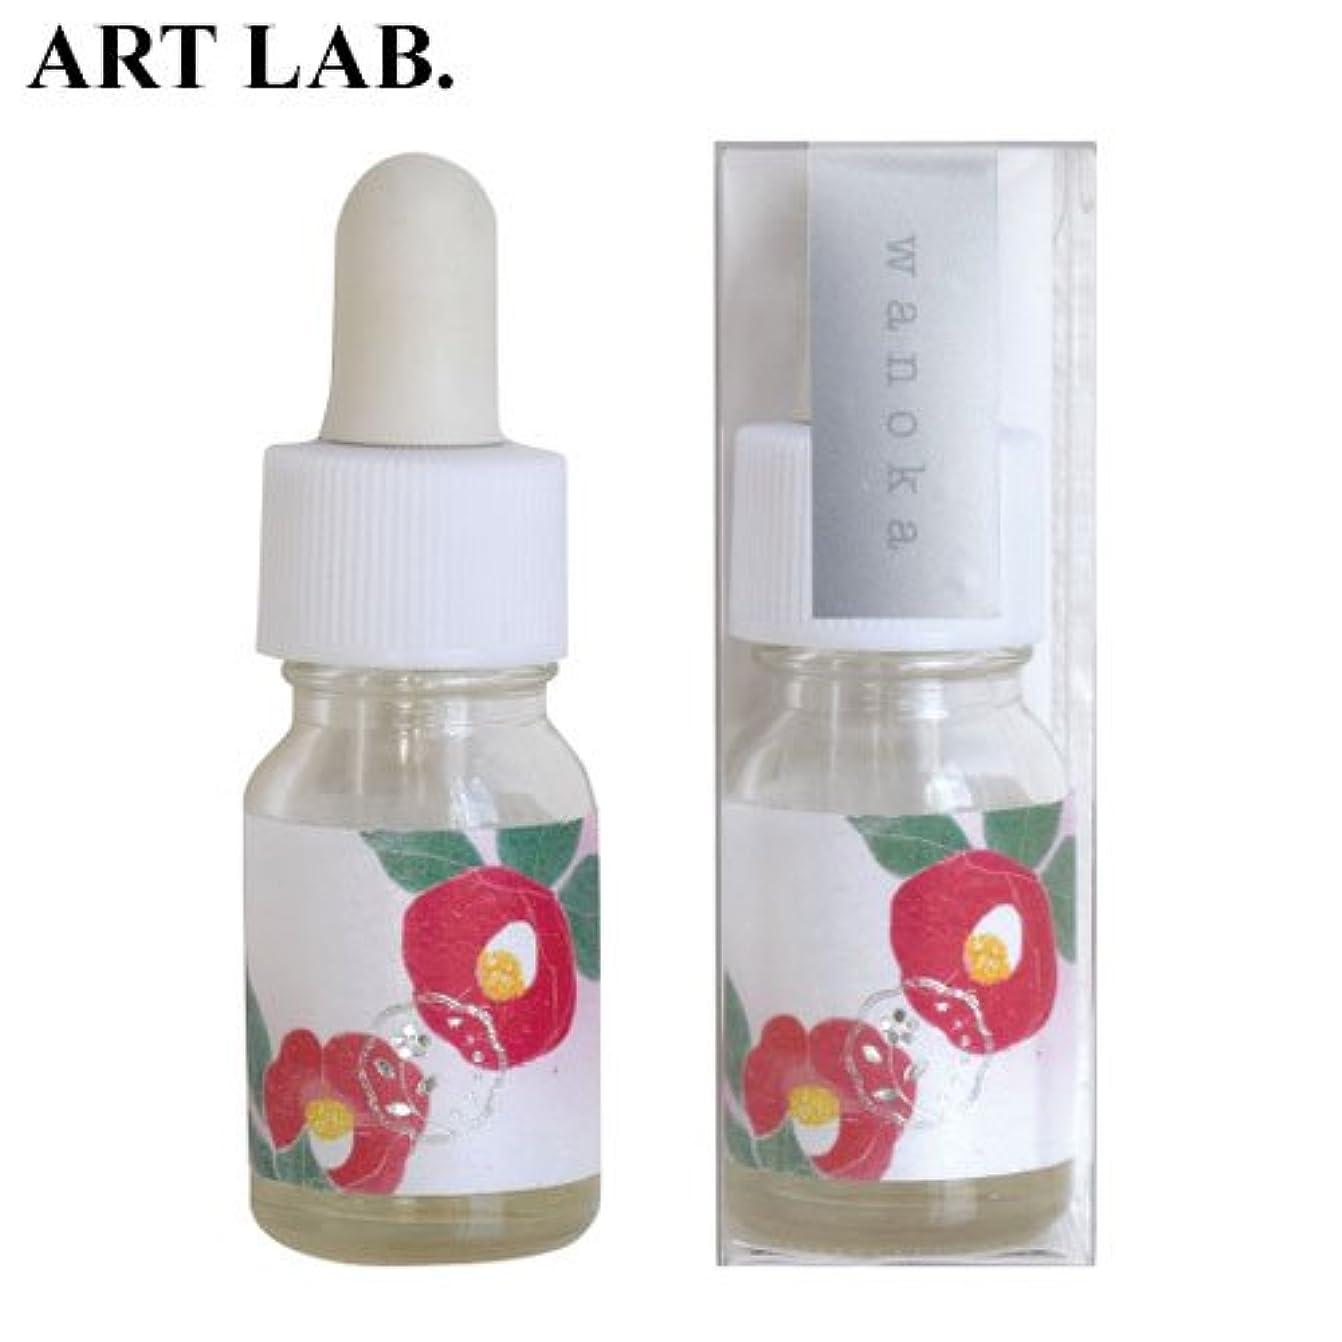 赤外線影使用法wanoka香油アロマオイル椿《おしとやかで深みのある香り》ART LABAromatic oil